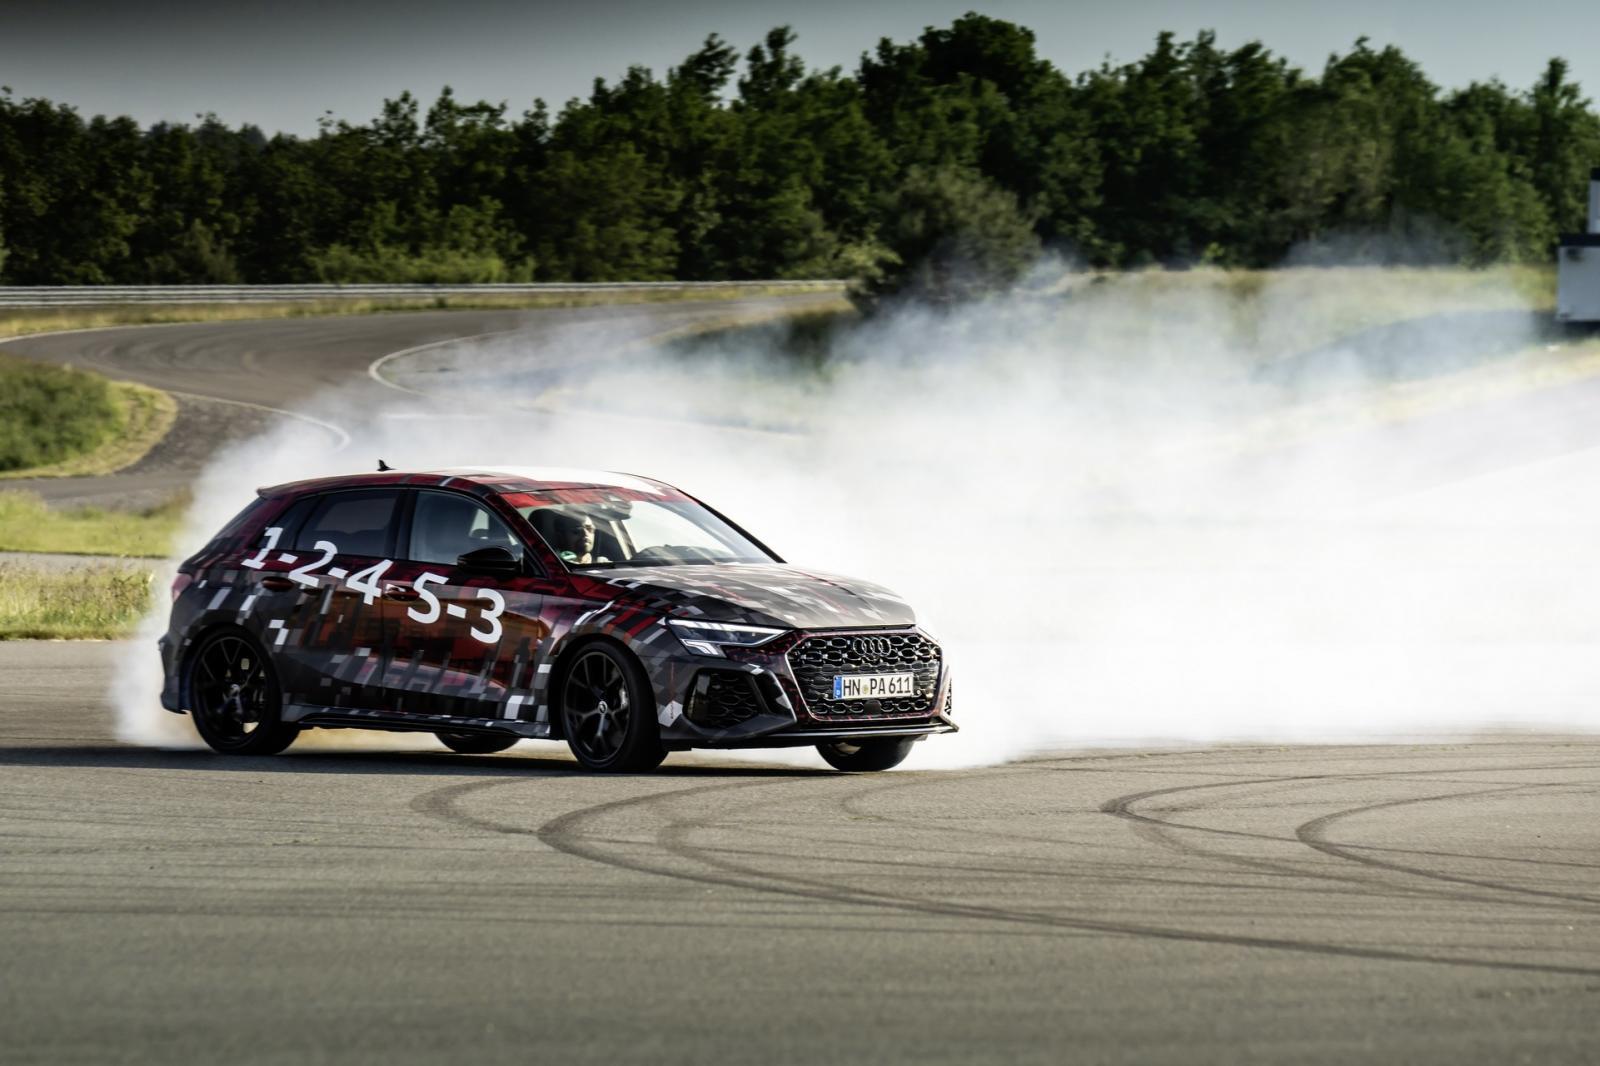 Aud RS3 Sportback